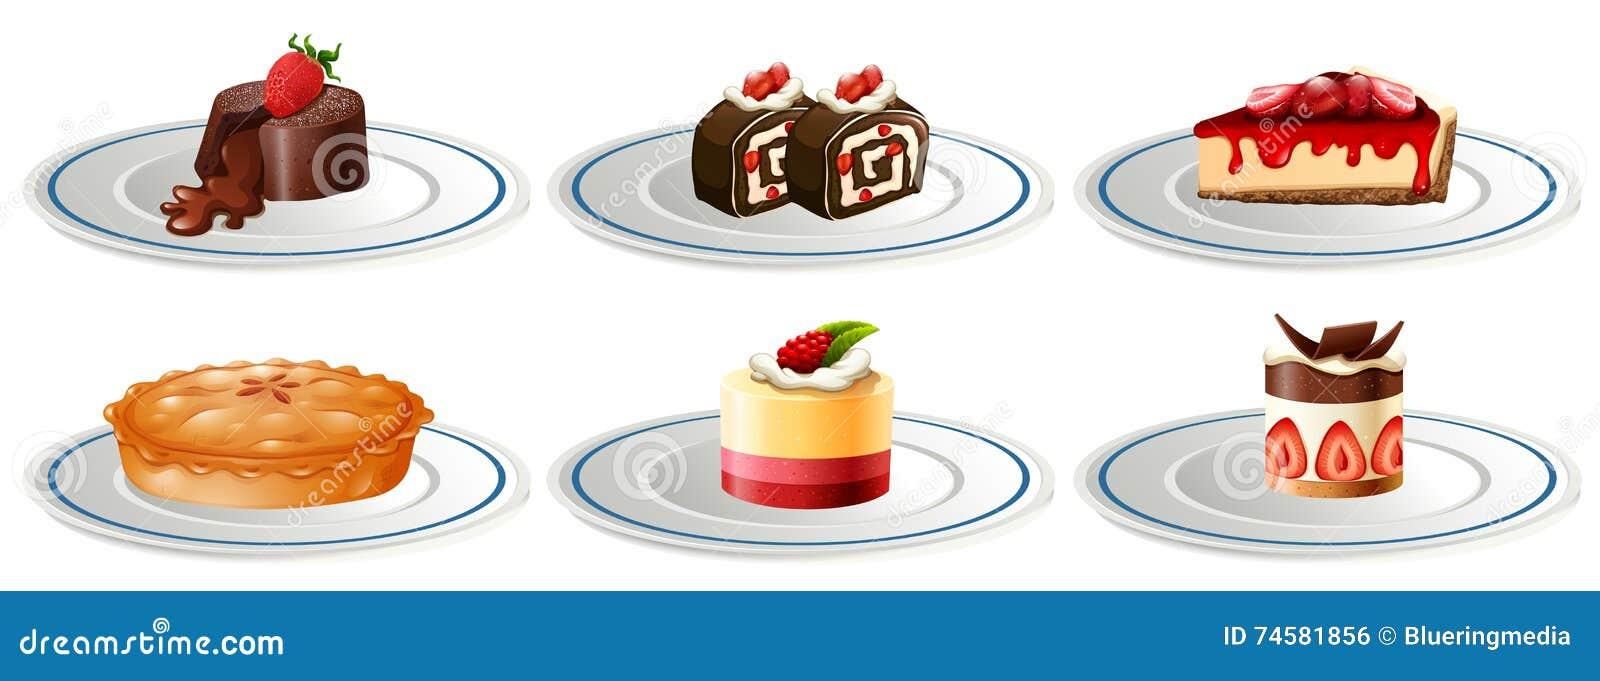 Diferentes tipos de postres en las placas ilustraci n del for Diferentes tipos de viveros